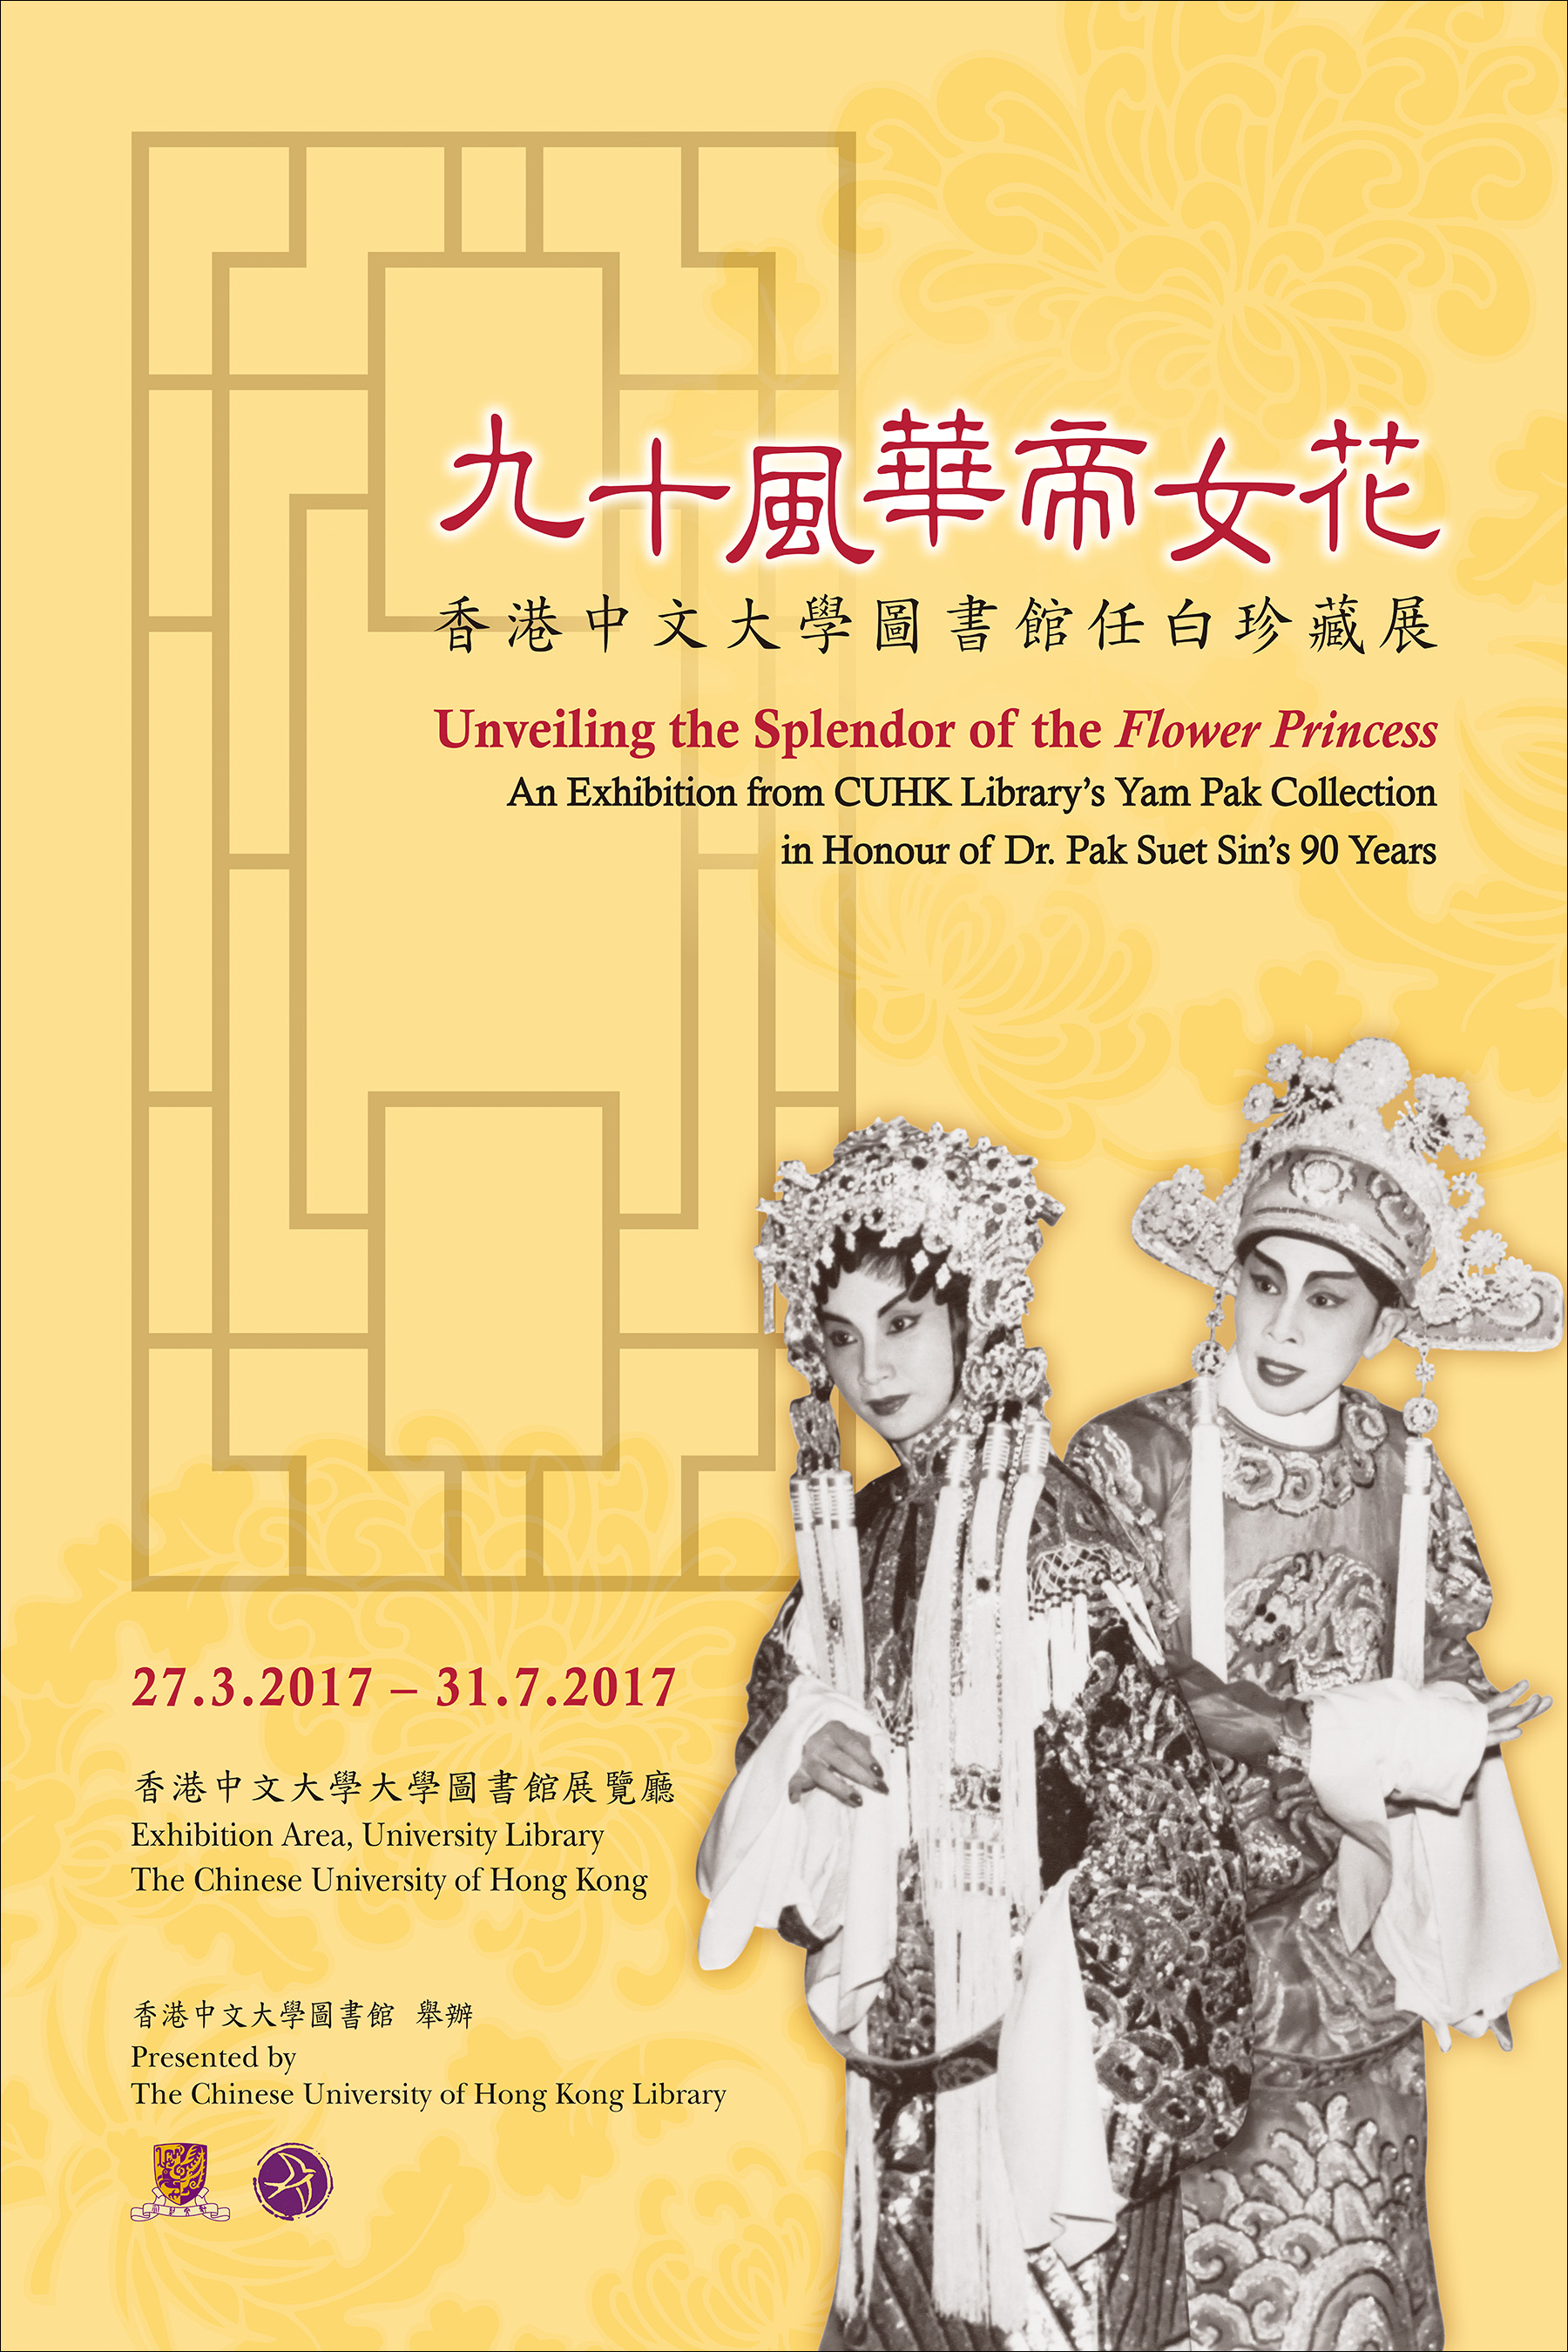 「九十風華帝女花—香港中文大學圖書館任白珍藏展」